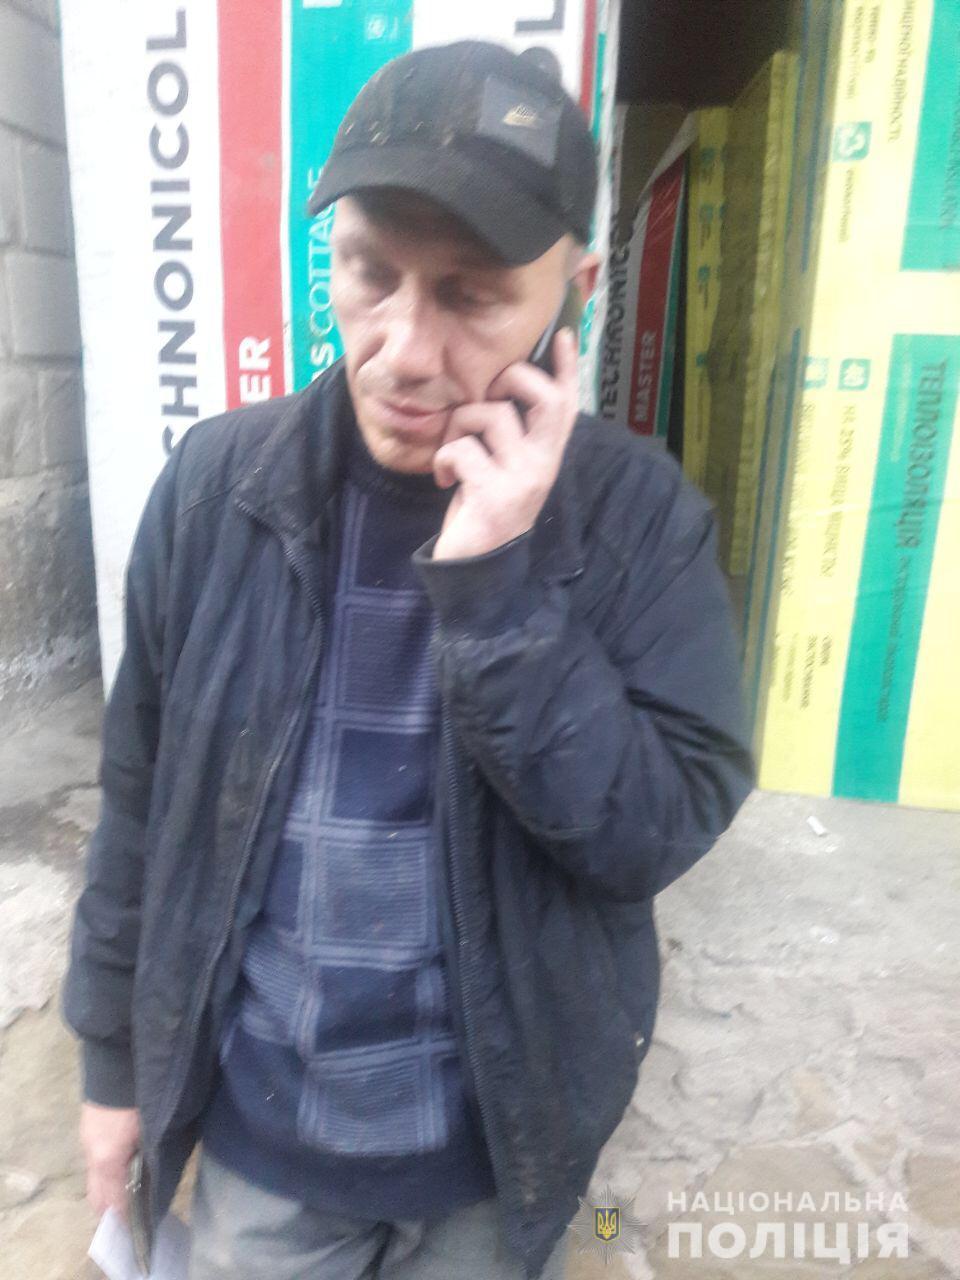 Допоможіть поліції знайти крадія з Вінниці